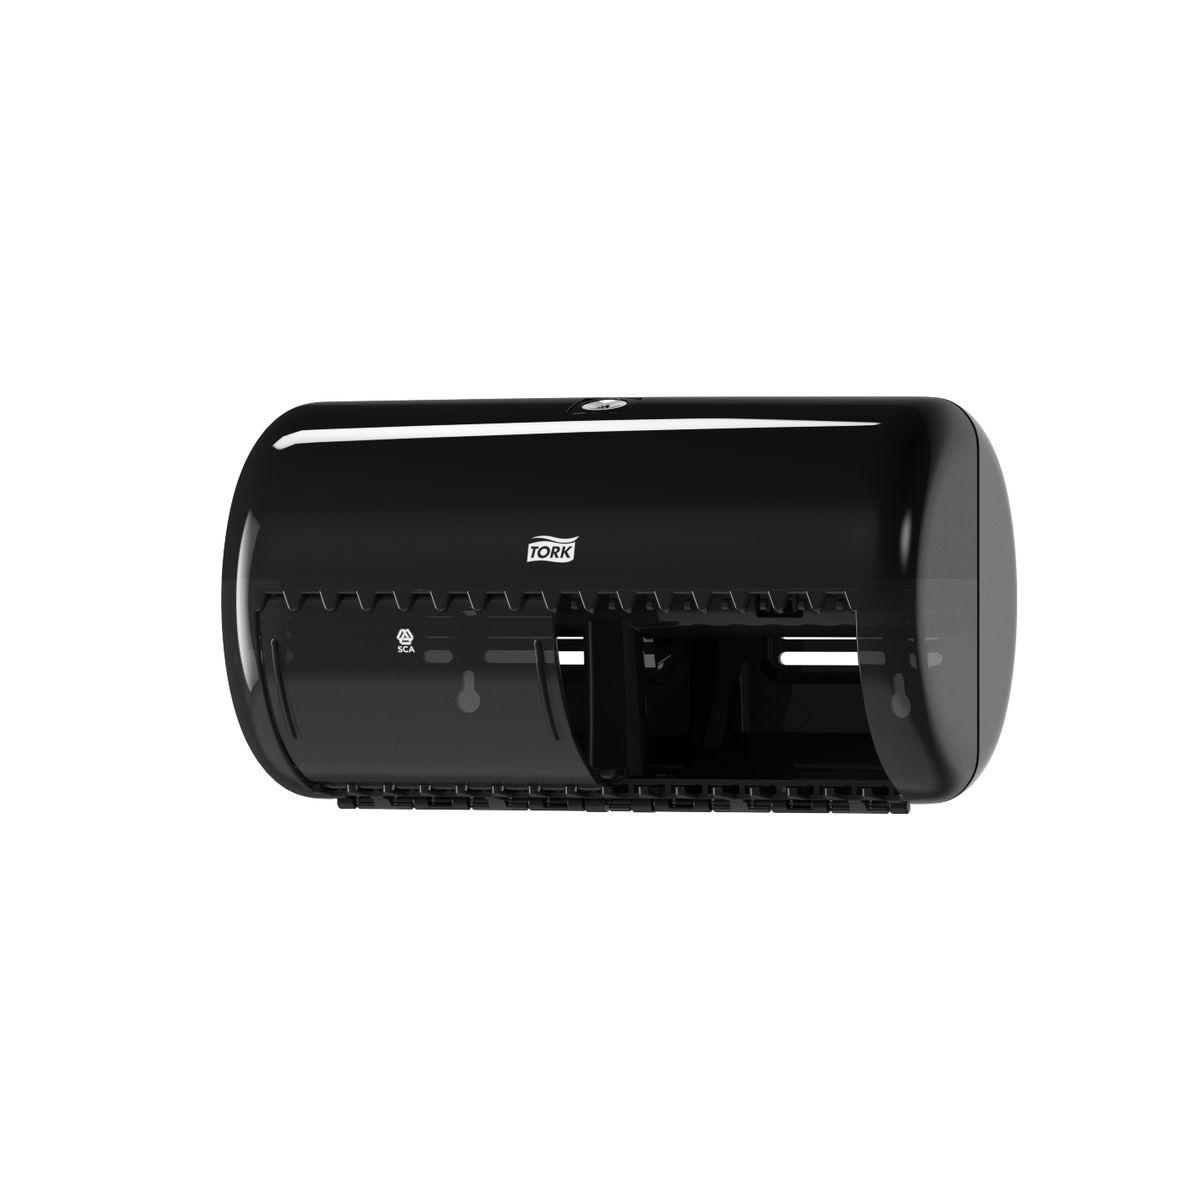 Диспенсер для туалетной бумаги Tork, на 2 рулона, цвет: черный. 55700864945_зеленыйДиспенсер для туалетной бумаги Tork с системой Т4 для бумаги в стандартных рулончиках. Практичный компактный диспенсер, вмещающий 2 стандартных рулона туалетной бумаги.Бумага легко отрывается с помощью удобных зубцов, даже не имея перфорации, защищается от повреждений и кражи. Диспенсер открывается с помощью ключа или нажатием на кнопку.В комплект входит инструкция по заправке и использованию.